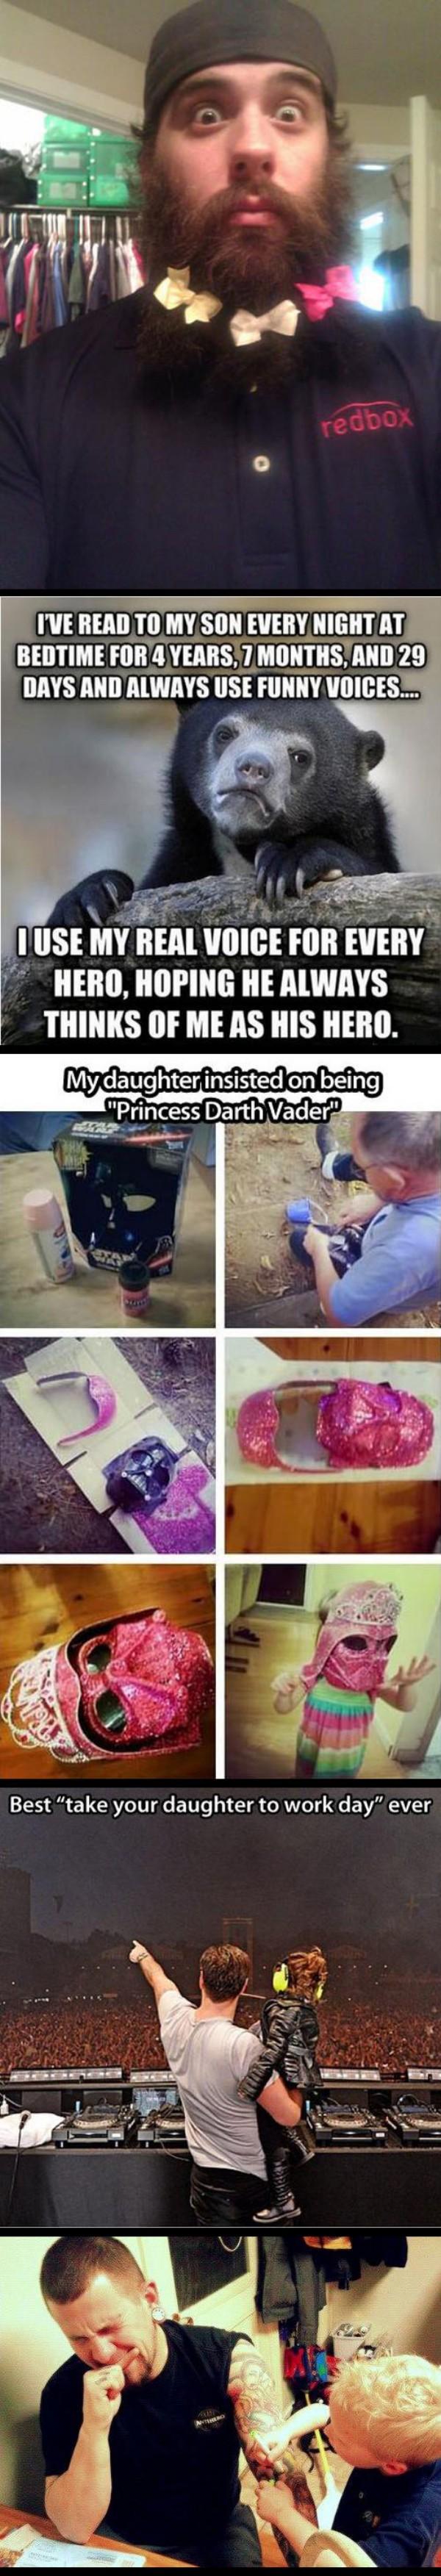 Good Parenting Parents